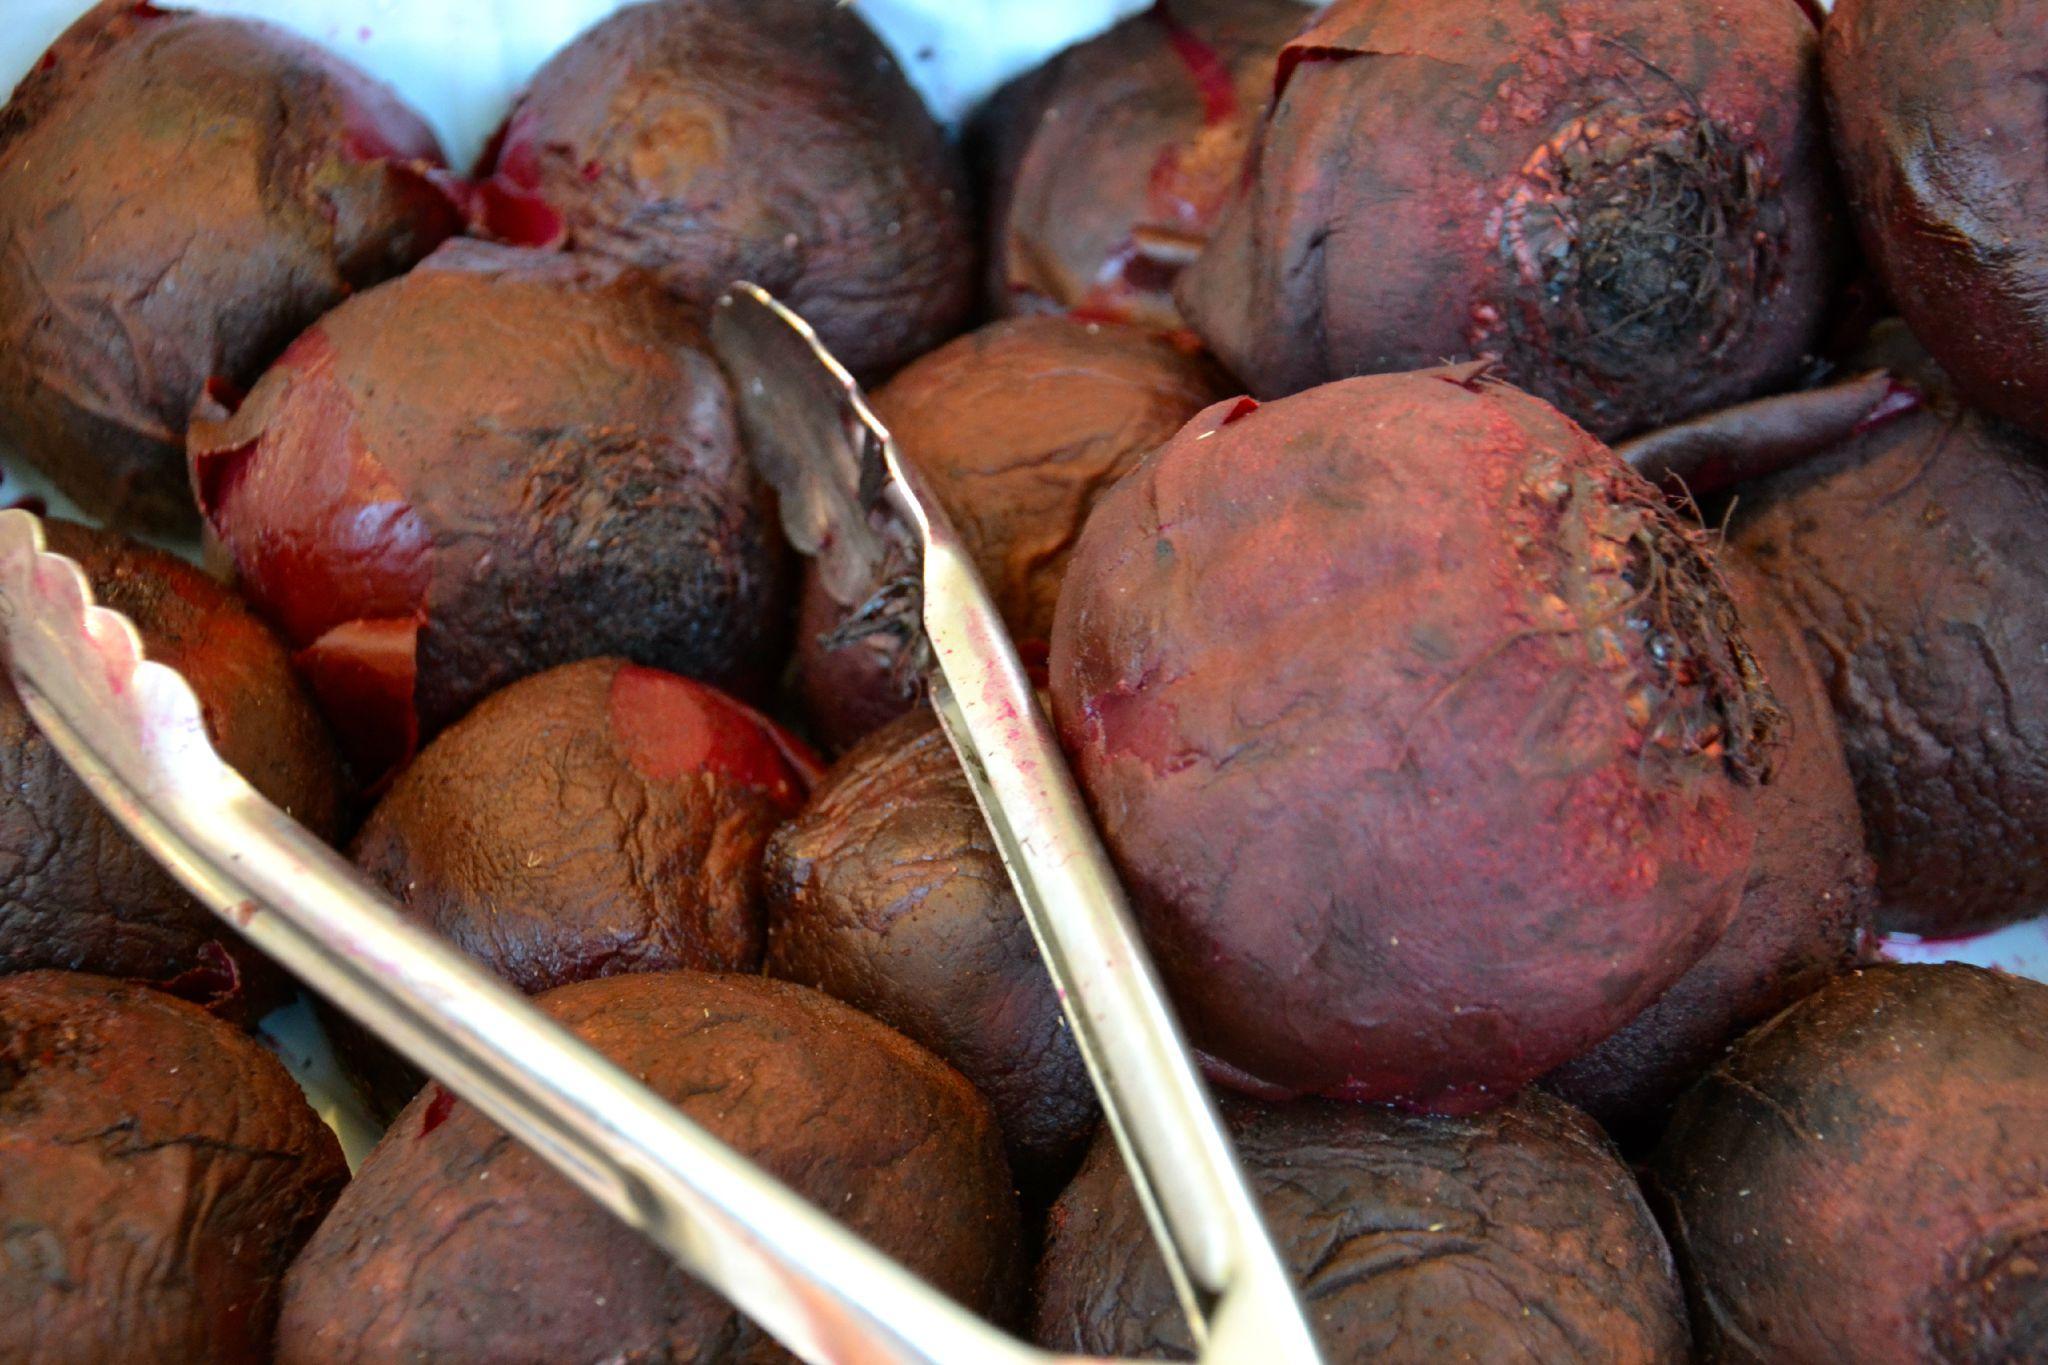 Les légumes et fruits originels